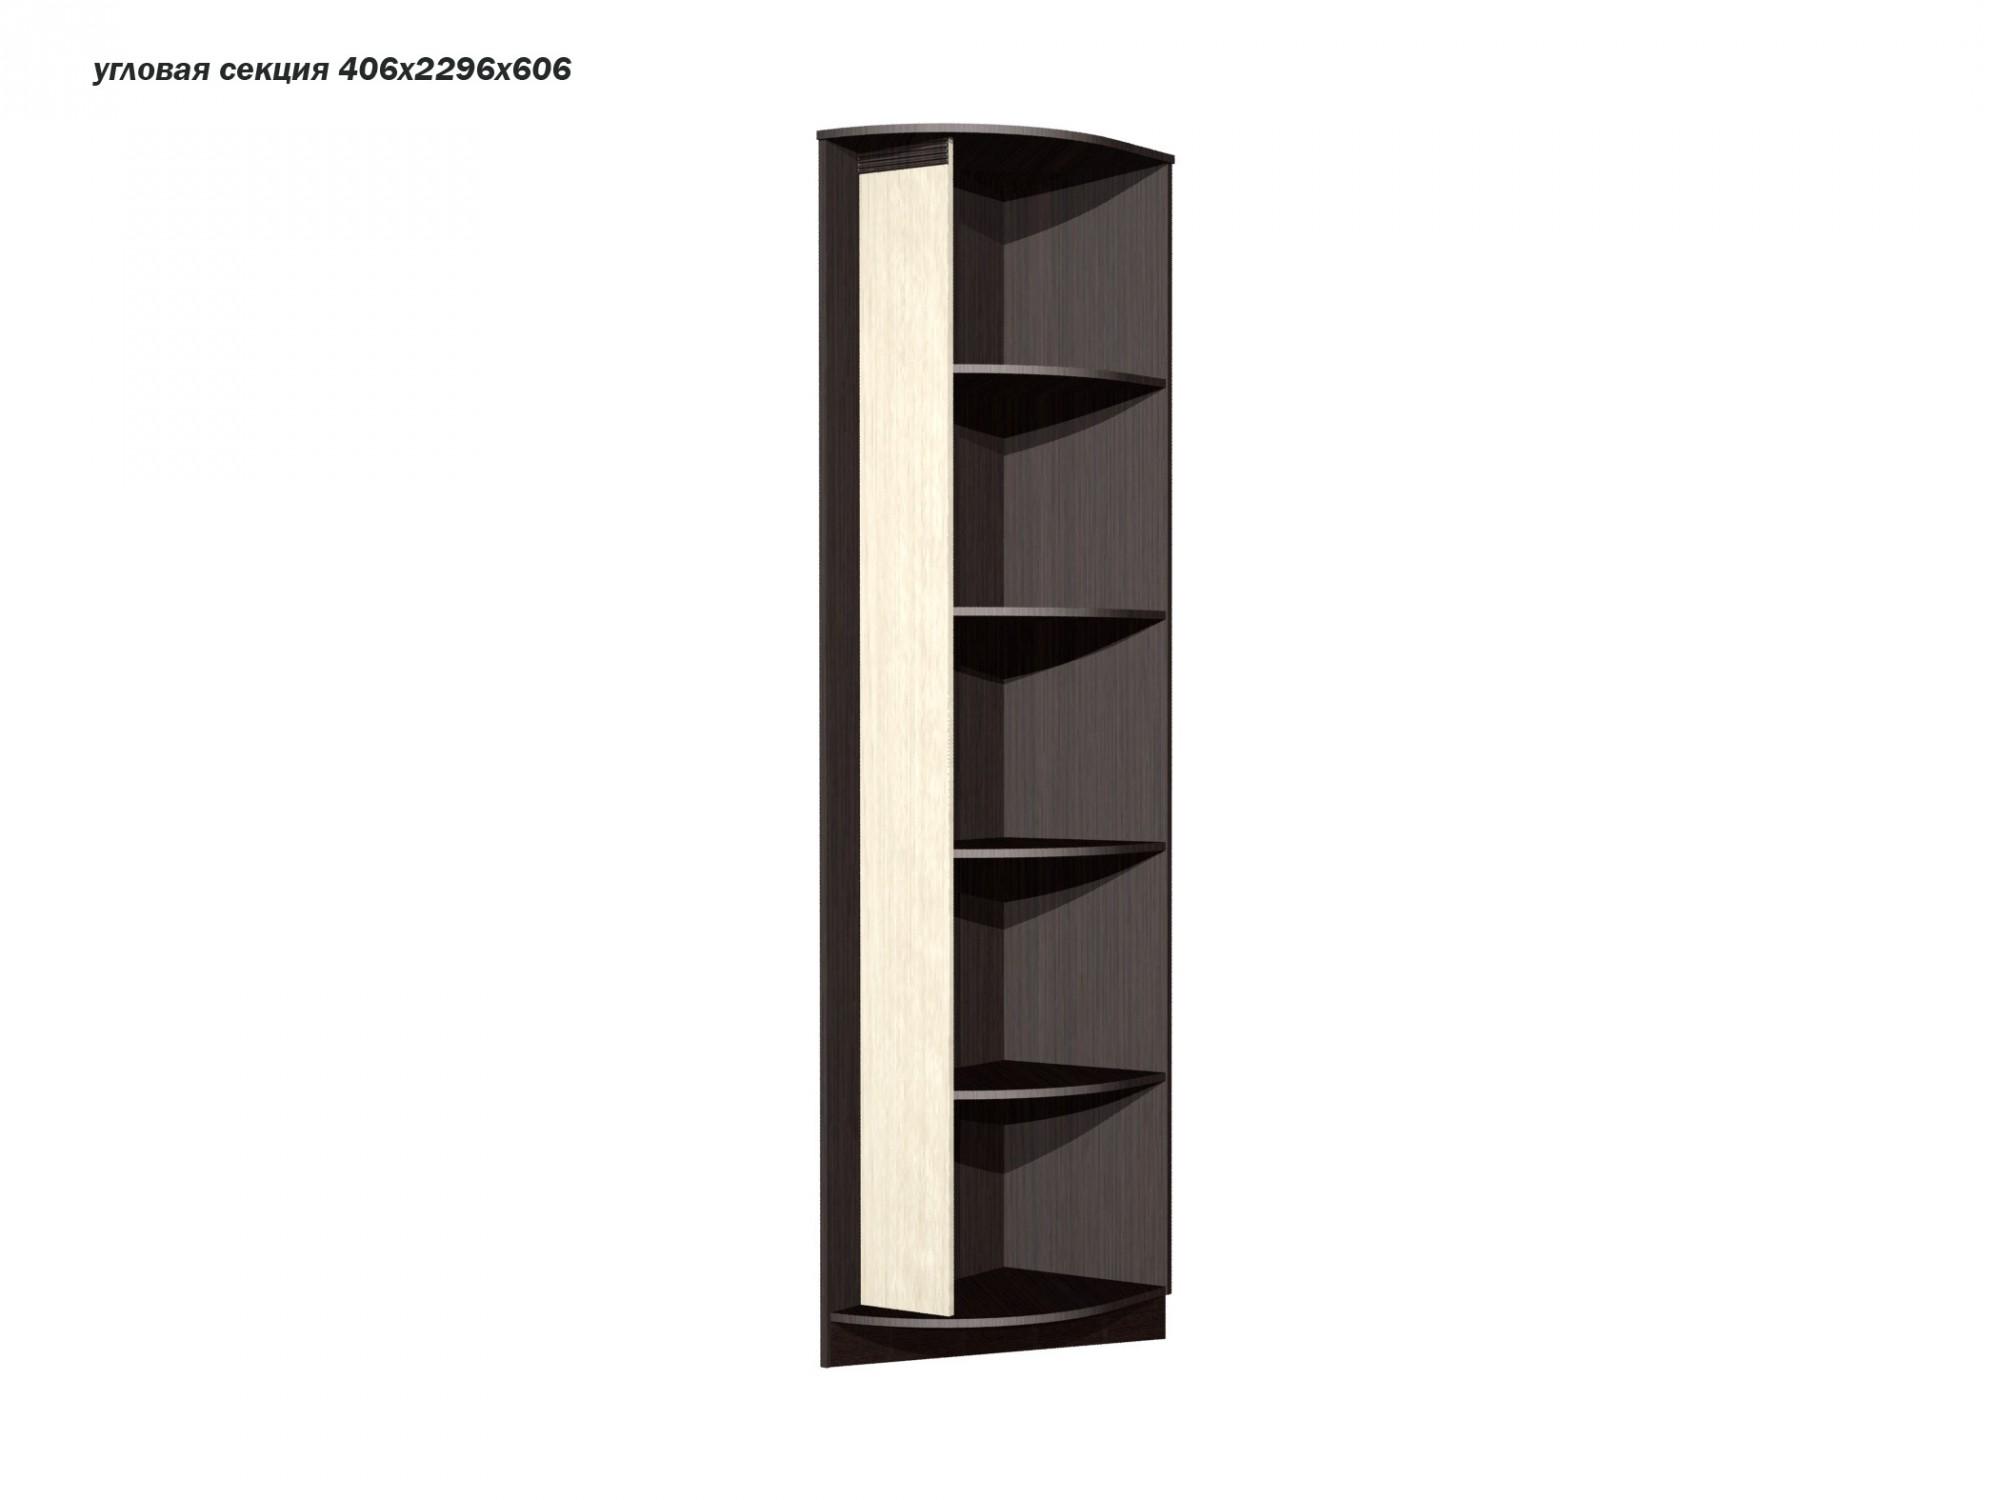 Секция угловая модерн (линвуд-6039) - купить в москве.